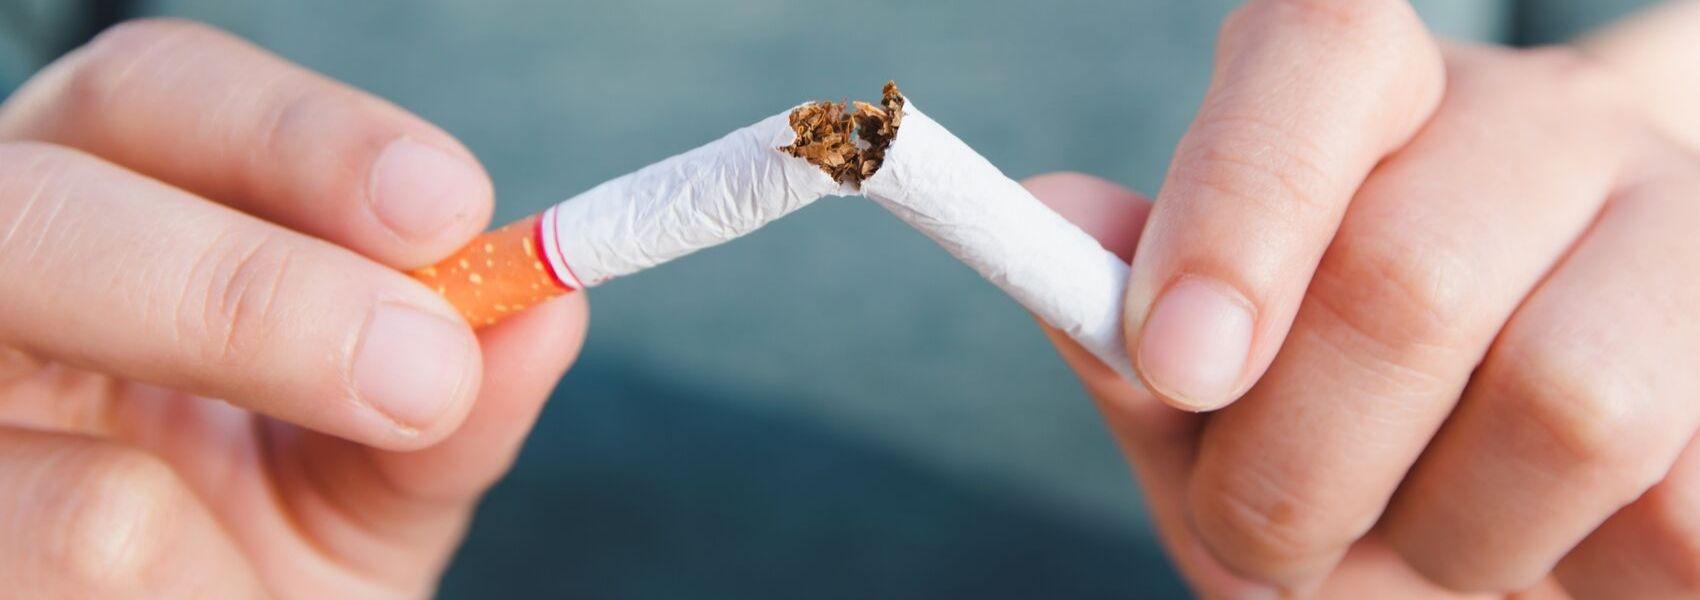 Crianças expostas ao fumo passivo têm maior risco de arritmia